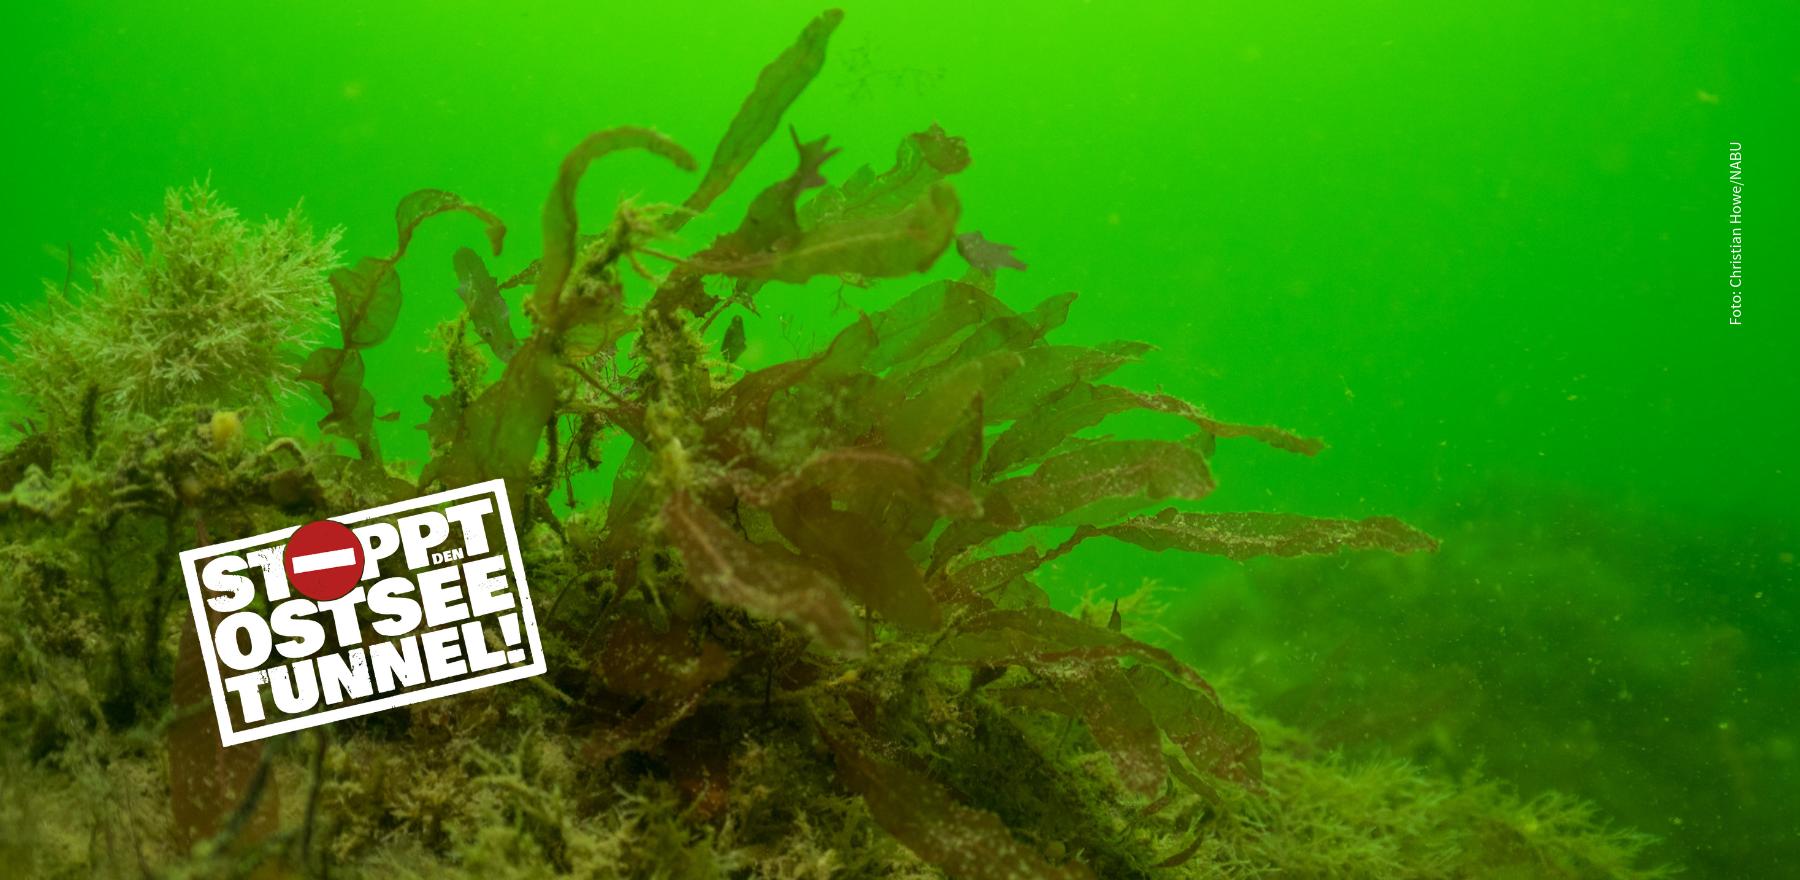 Der Ostseetunnel bedroht artenreiche Riffe und auch den Schweinswal